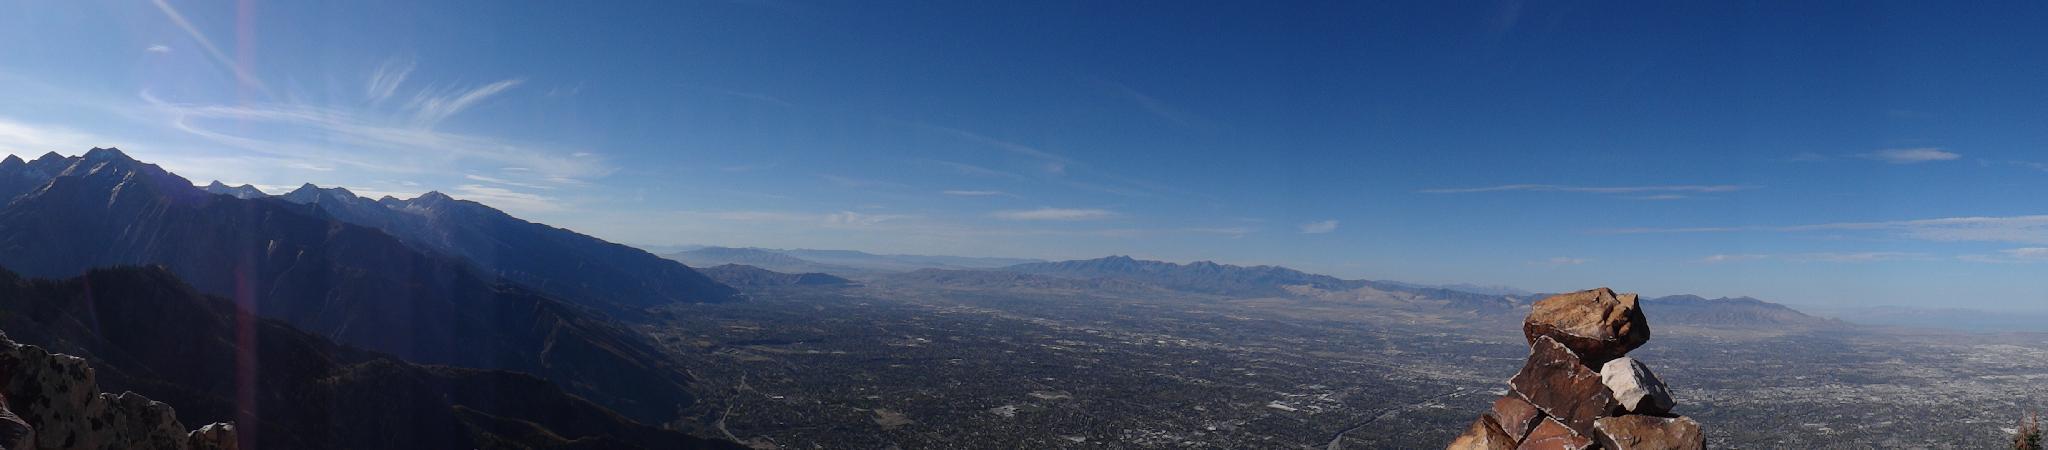 Hiking Mount Olympus